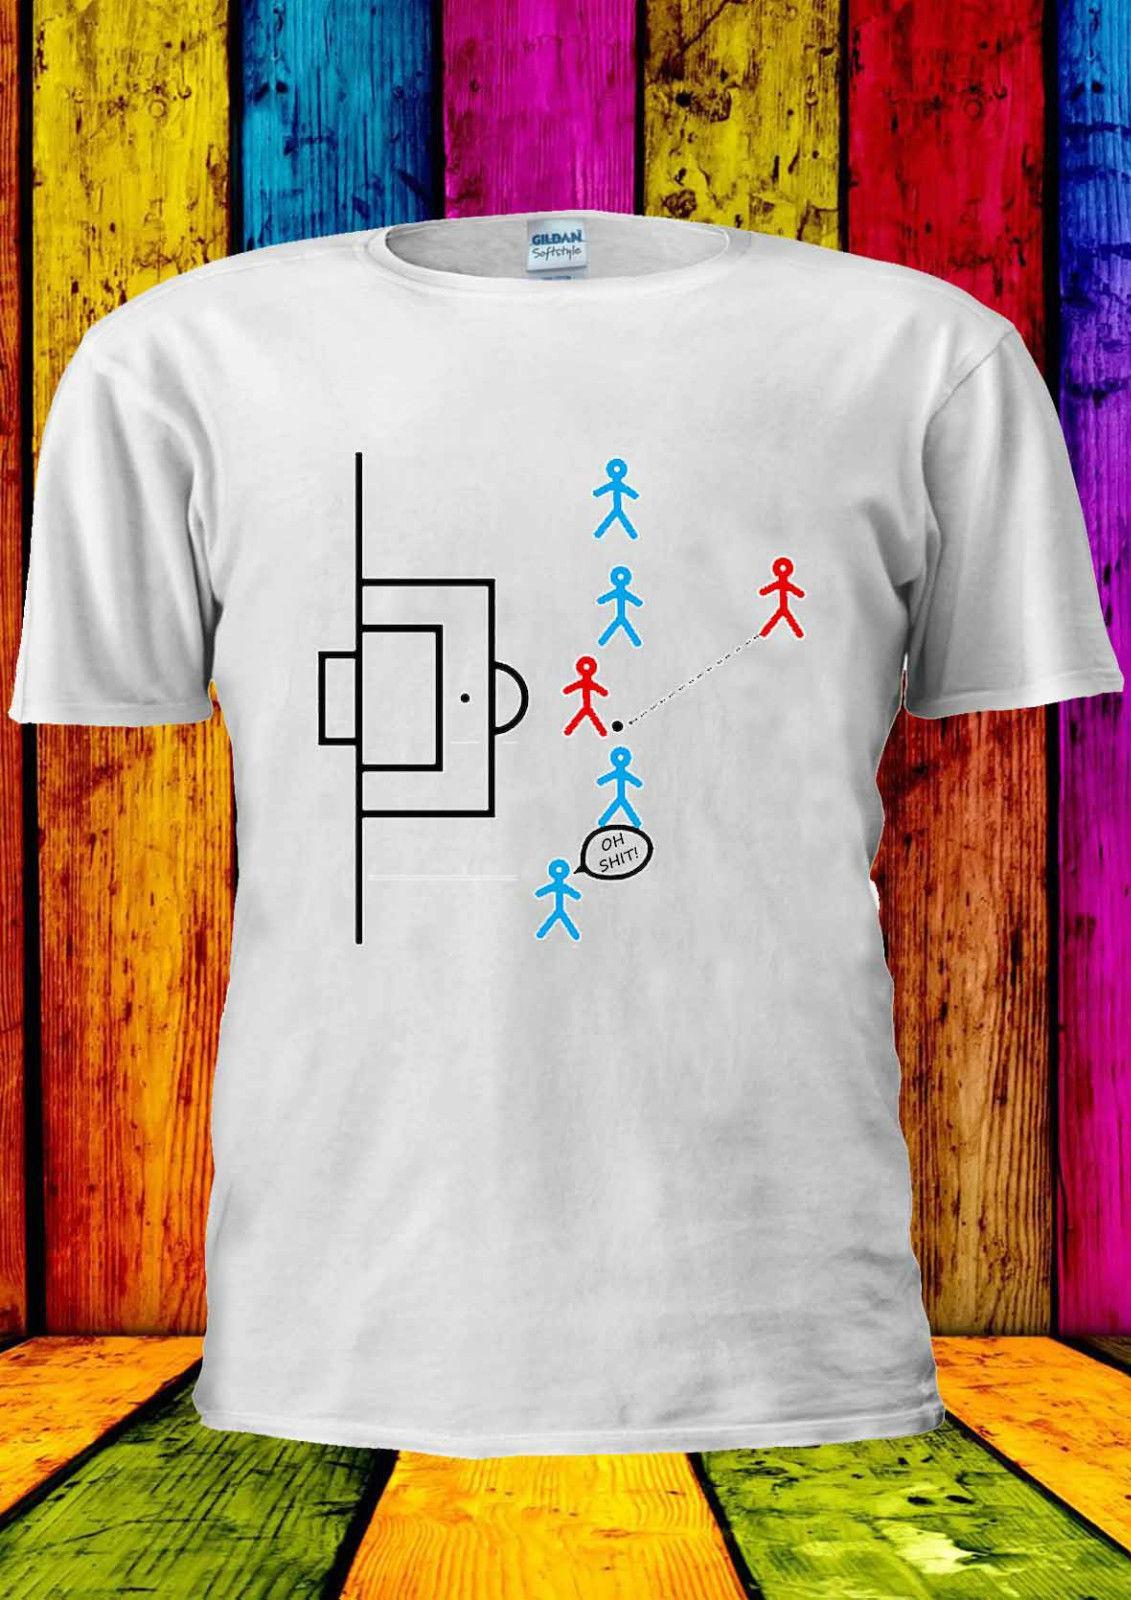 cace2c6d58 Compre Armadilha De Impedimento De Futebol Futebol Engraçado T Shirt Colete  Regata Das Mulheres Dos Homens Unisex 1872 Hip Hop Homens Camiseta Rock  Unisex T ...